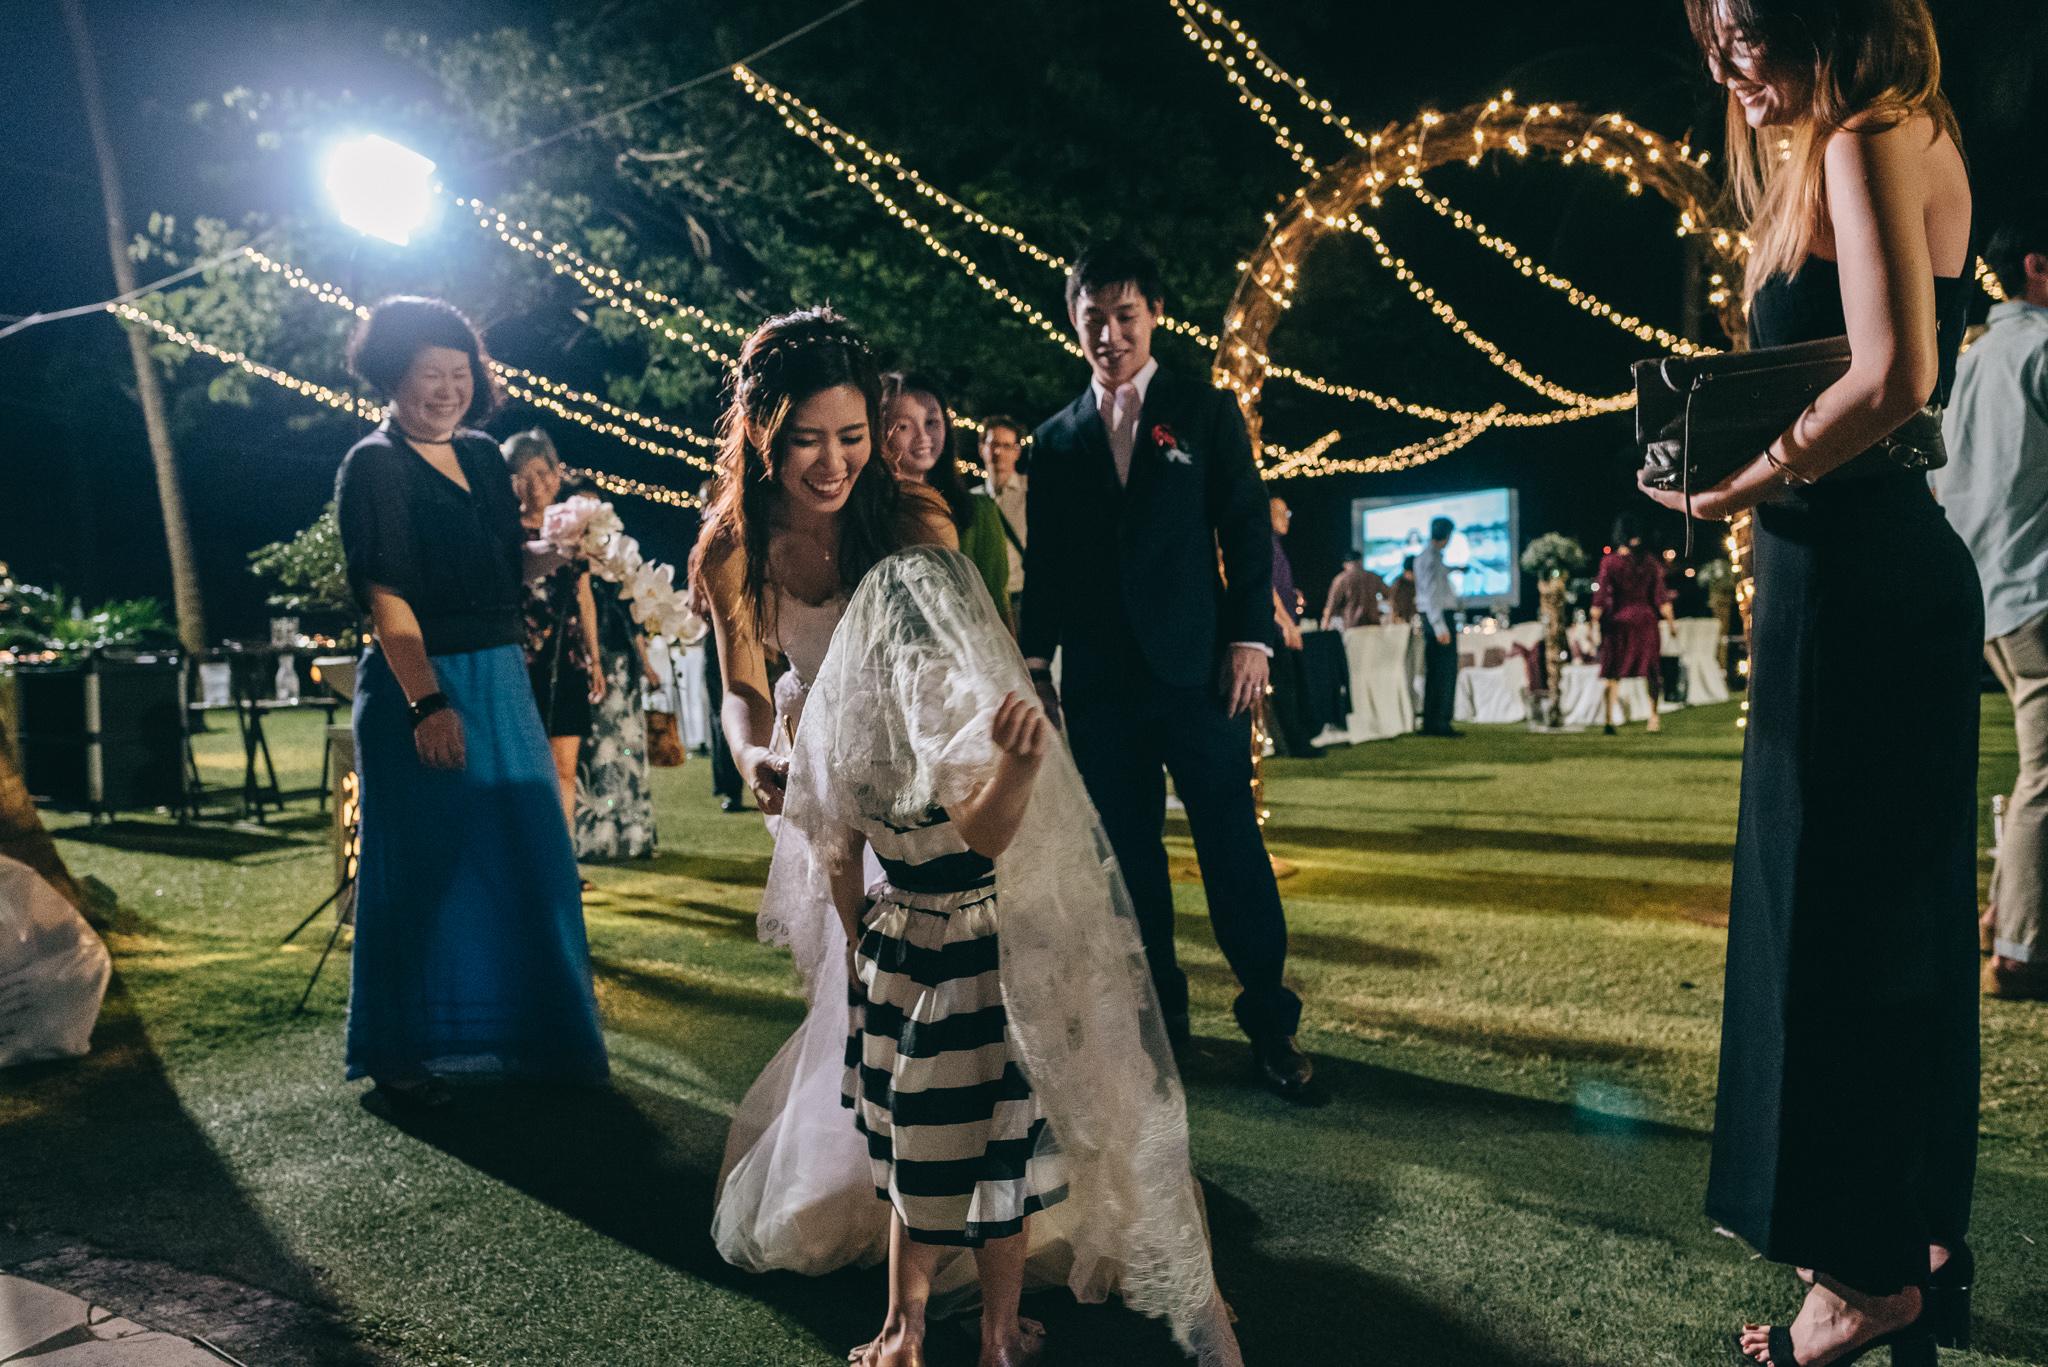 Lionel & Karen Wedding Day Highlights (resized for sharing) - 218.jpg